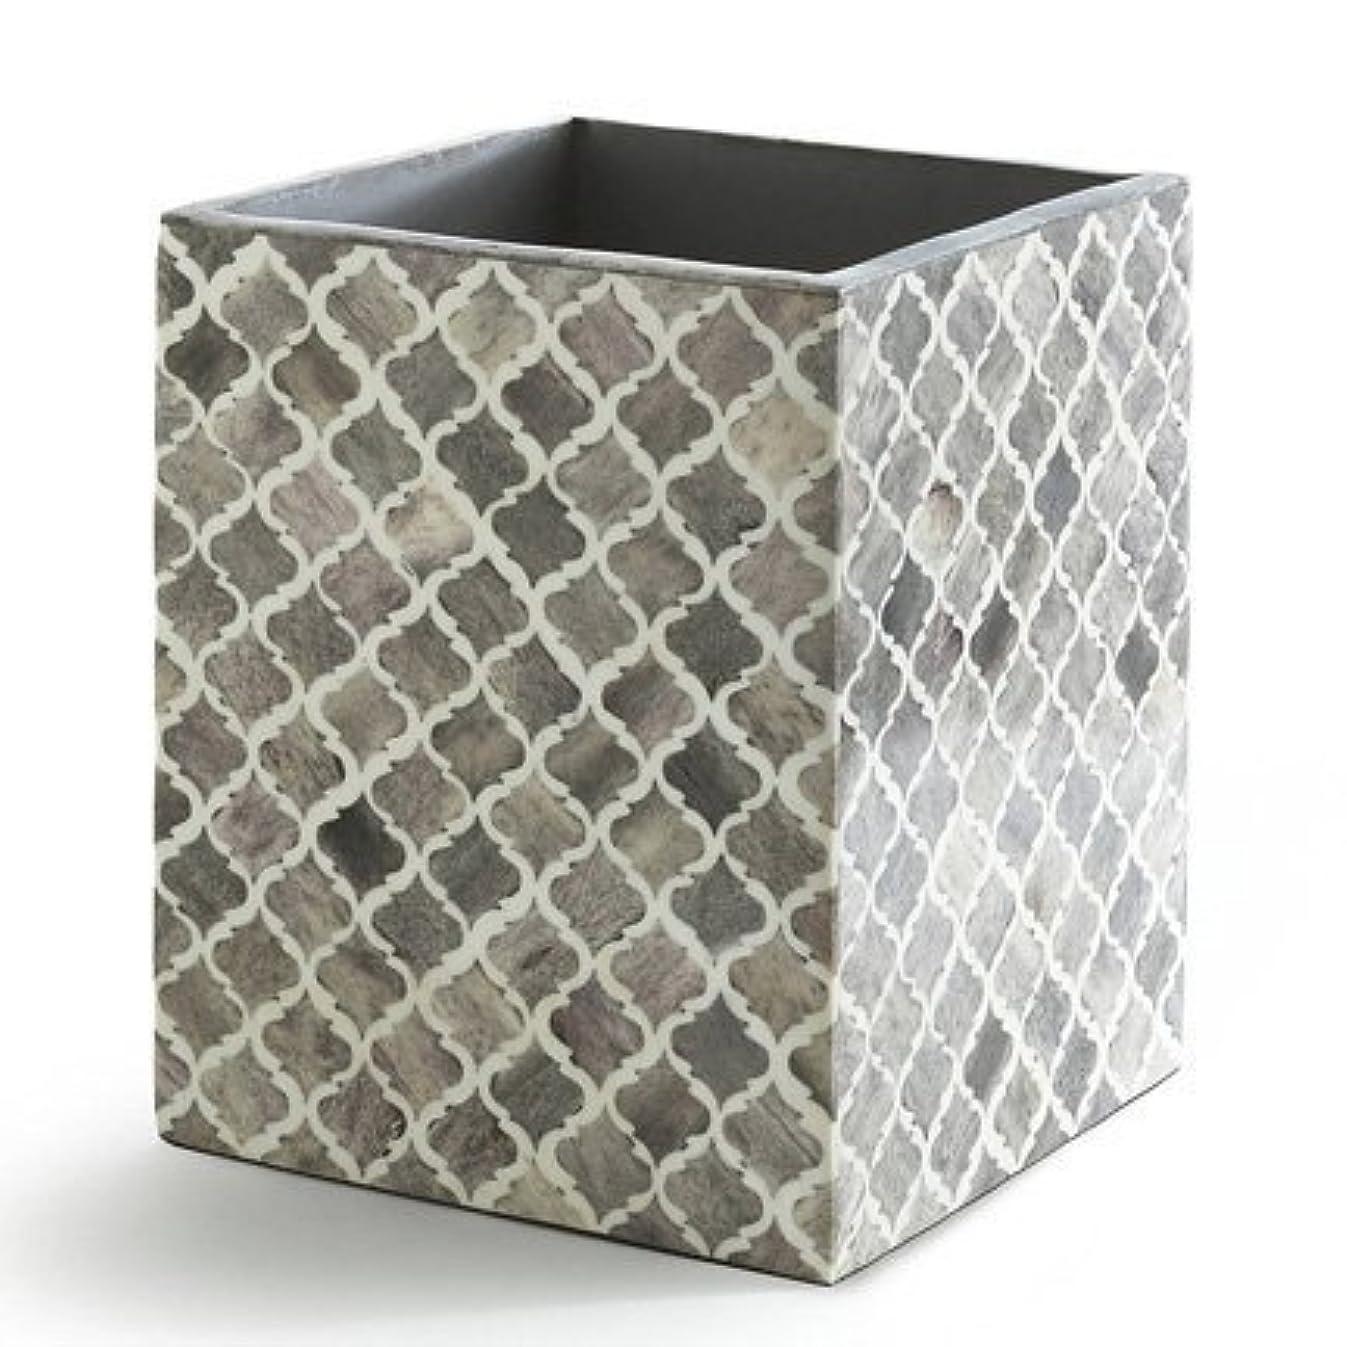 Kassatex Marrakesh Waste Basket